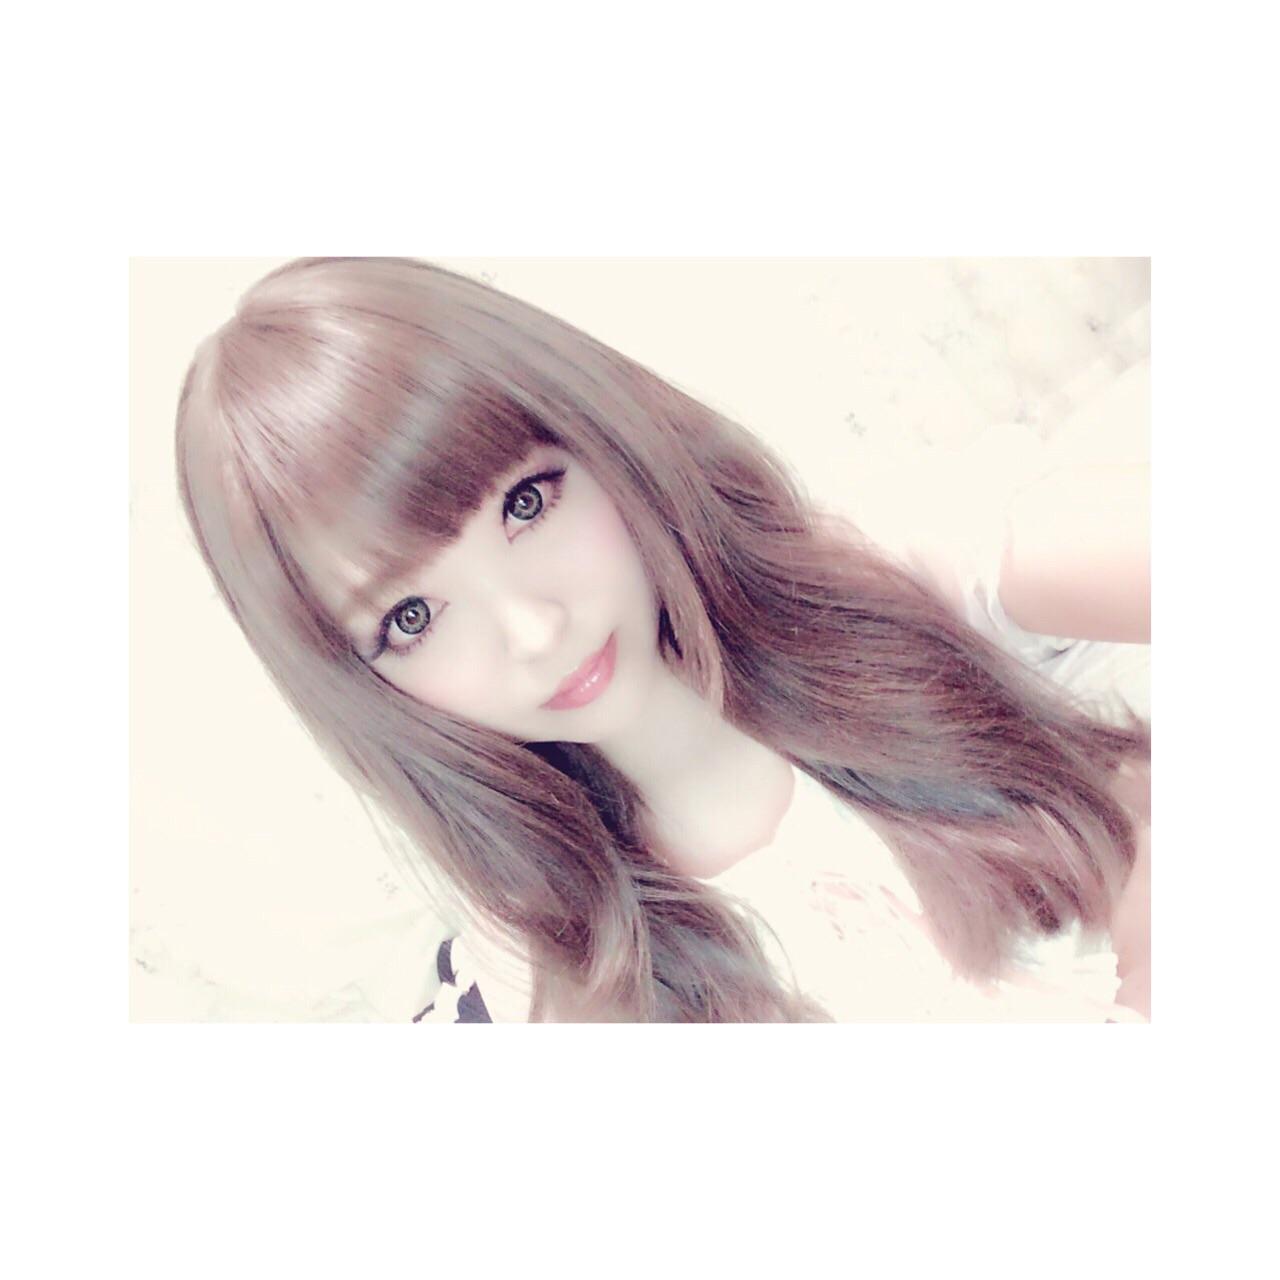 「thanks!」04/30(04/30) 23:35 | ゆうちゃんの写メ・風俗動画